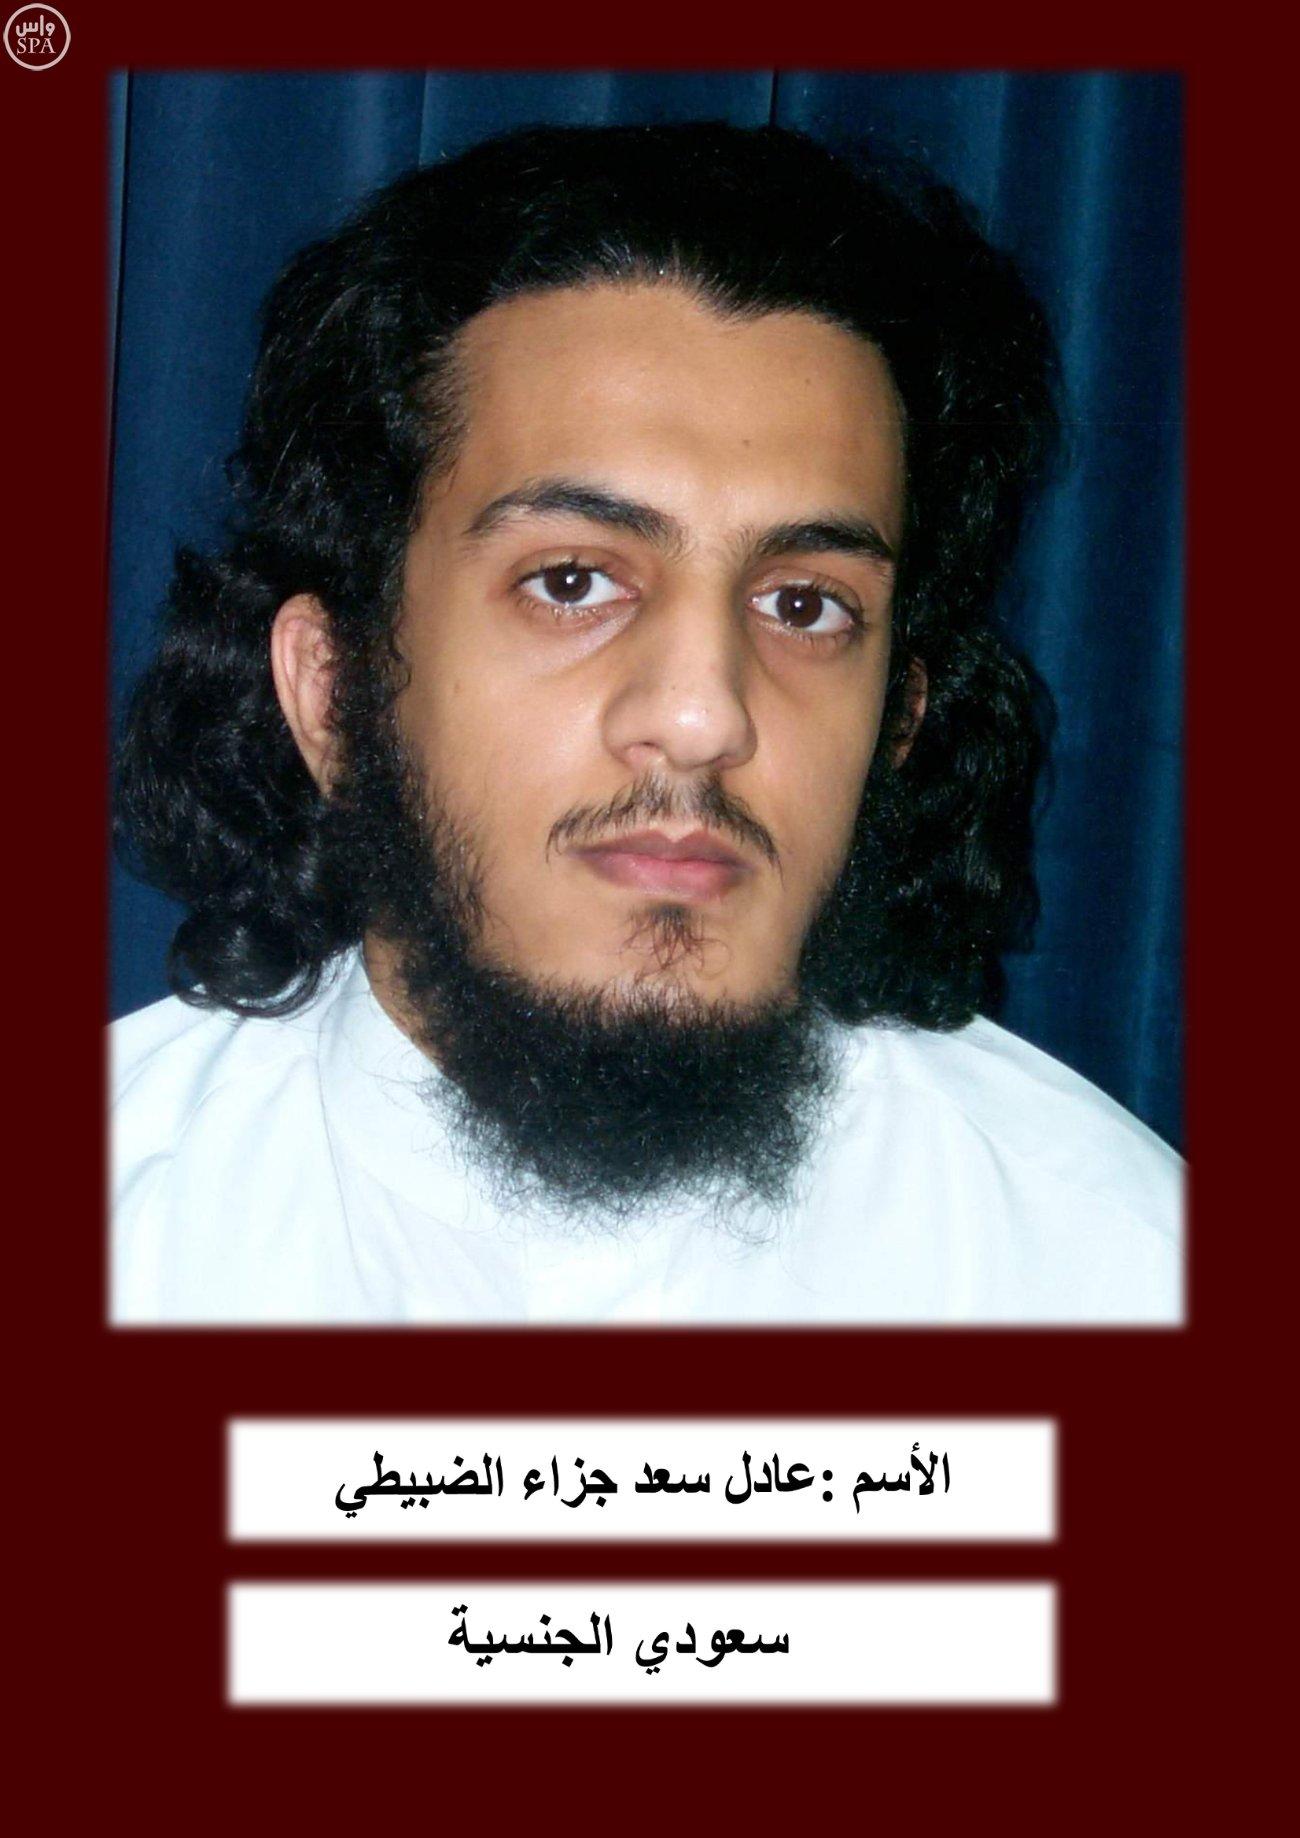 ارهابيين-بالحدود (2)